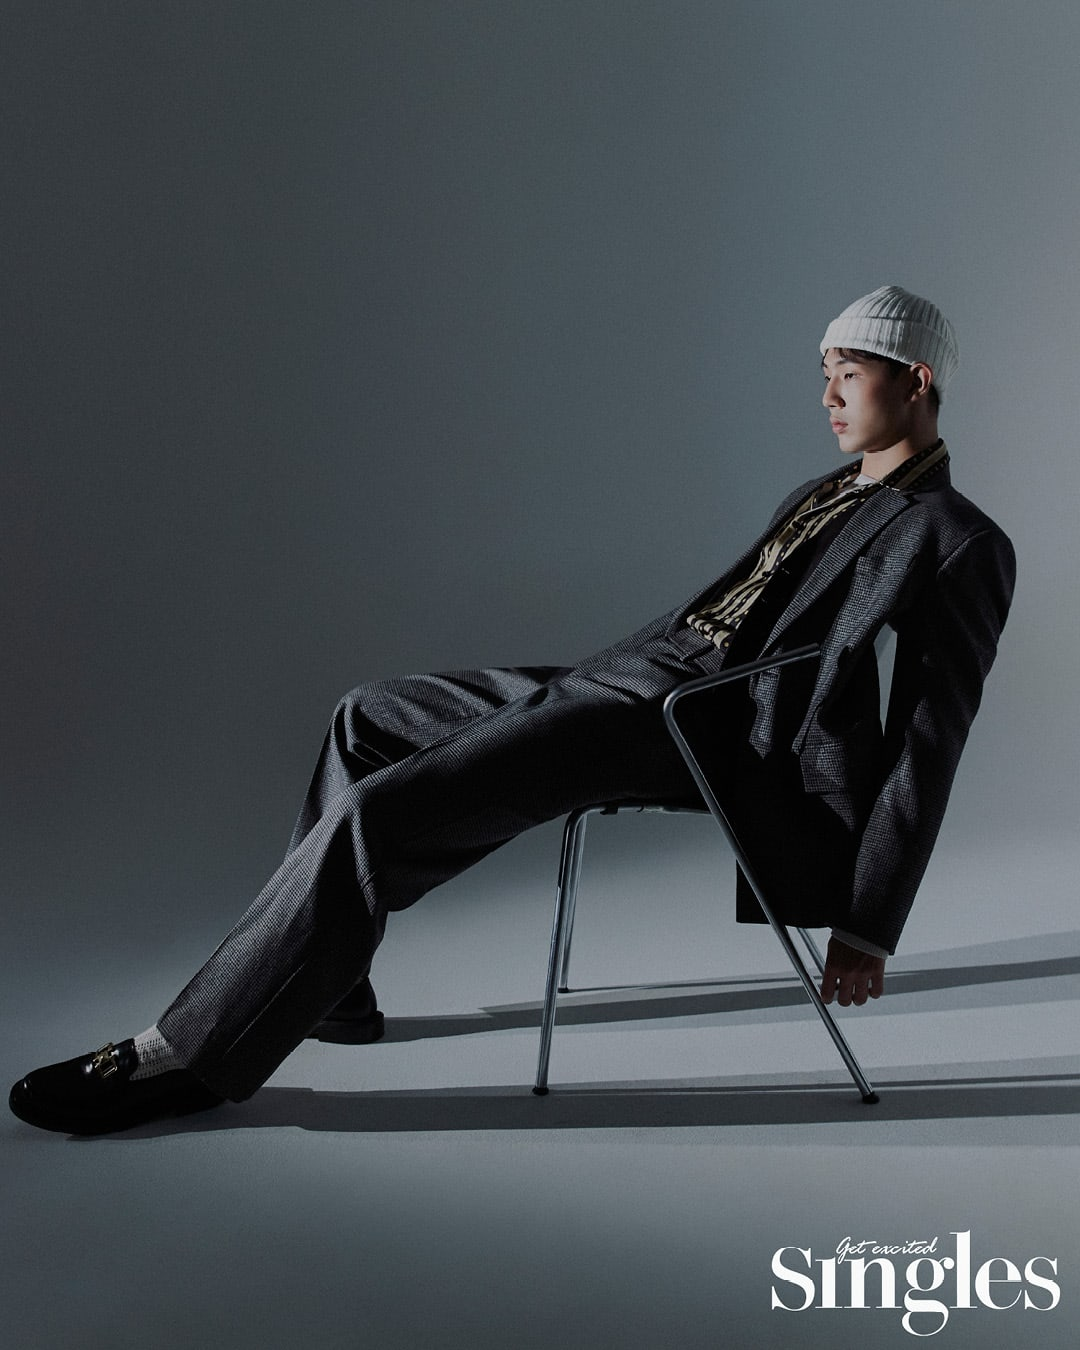 金志洙最近现状 金志洙谈对演戏的热爱和新剧《当我最漂亮的时候》